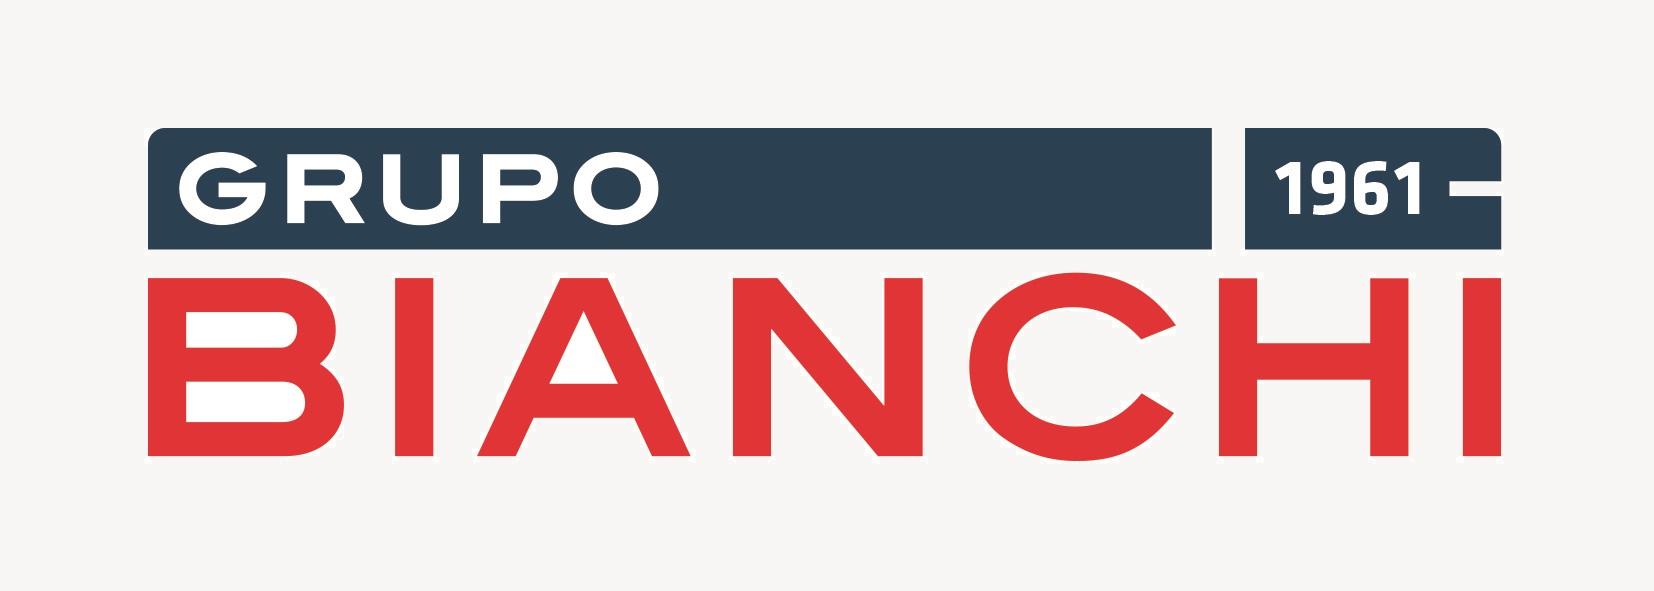 Grupo Bianchi